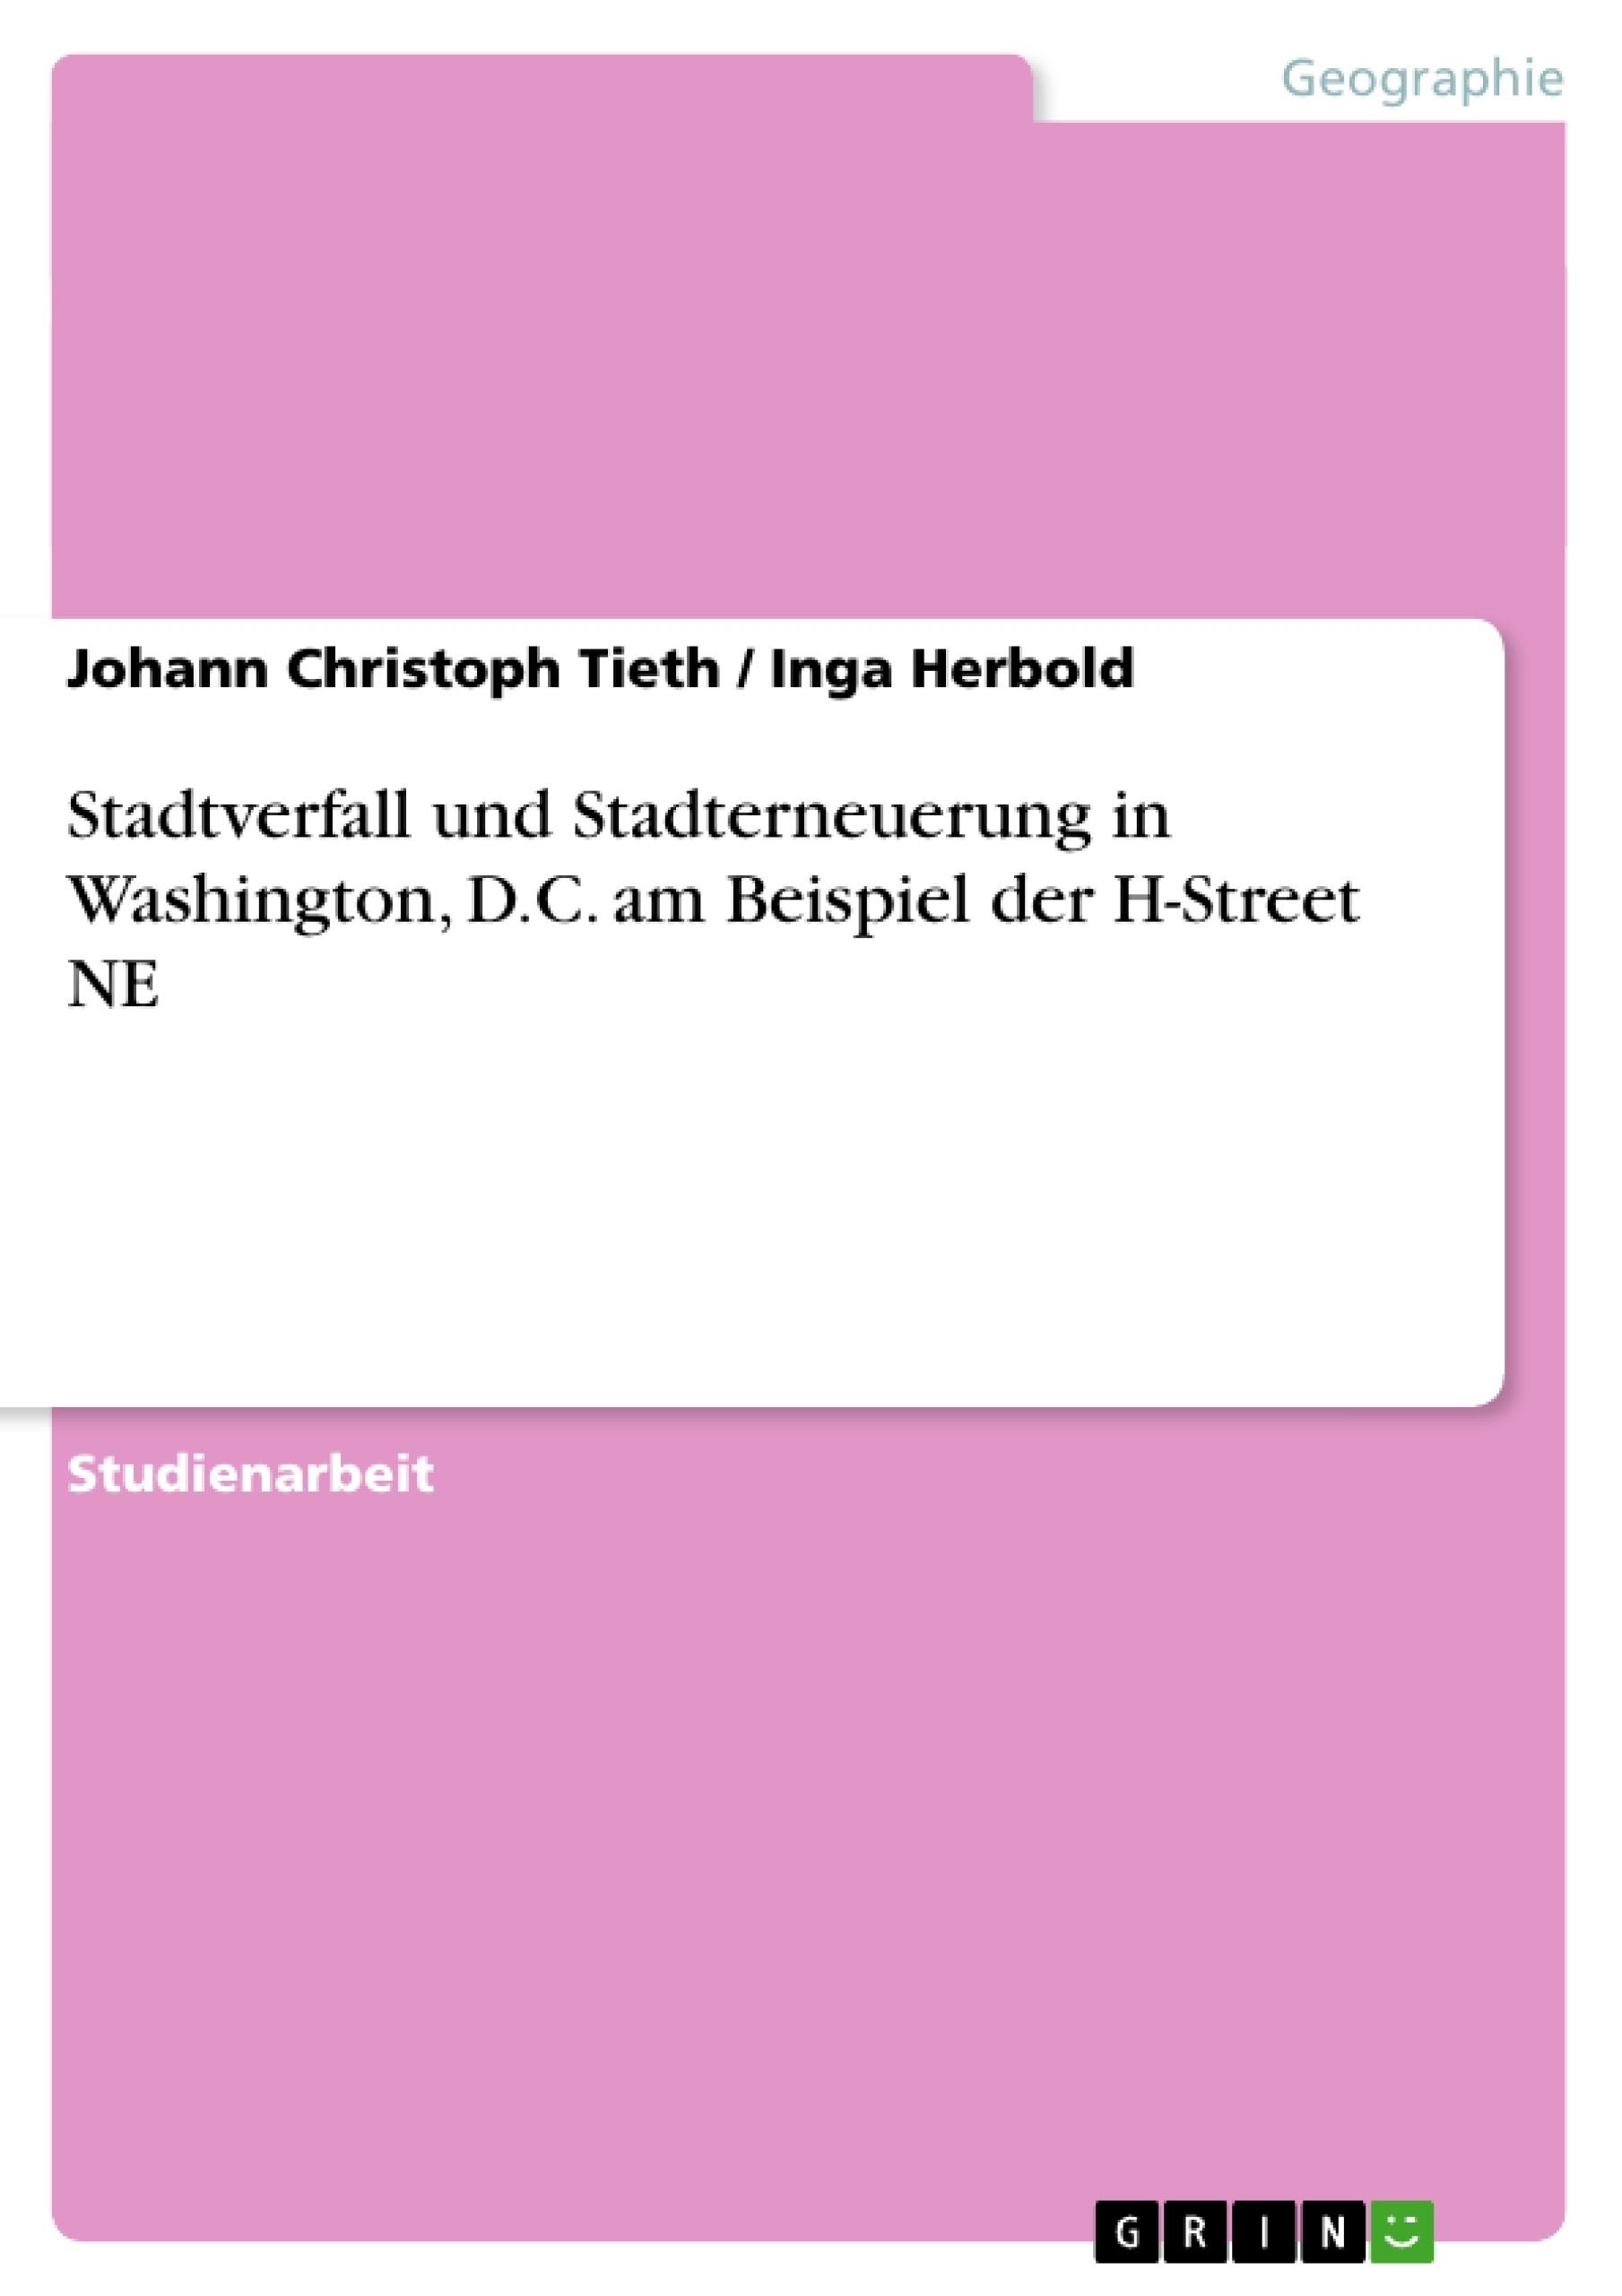 Titel: Stadtverfall und Stadterneuerung in Washington, D.C. am Beispiel der H-Street NE